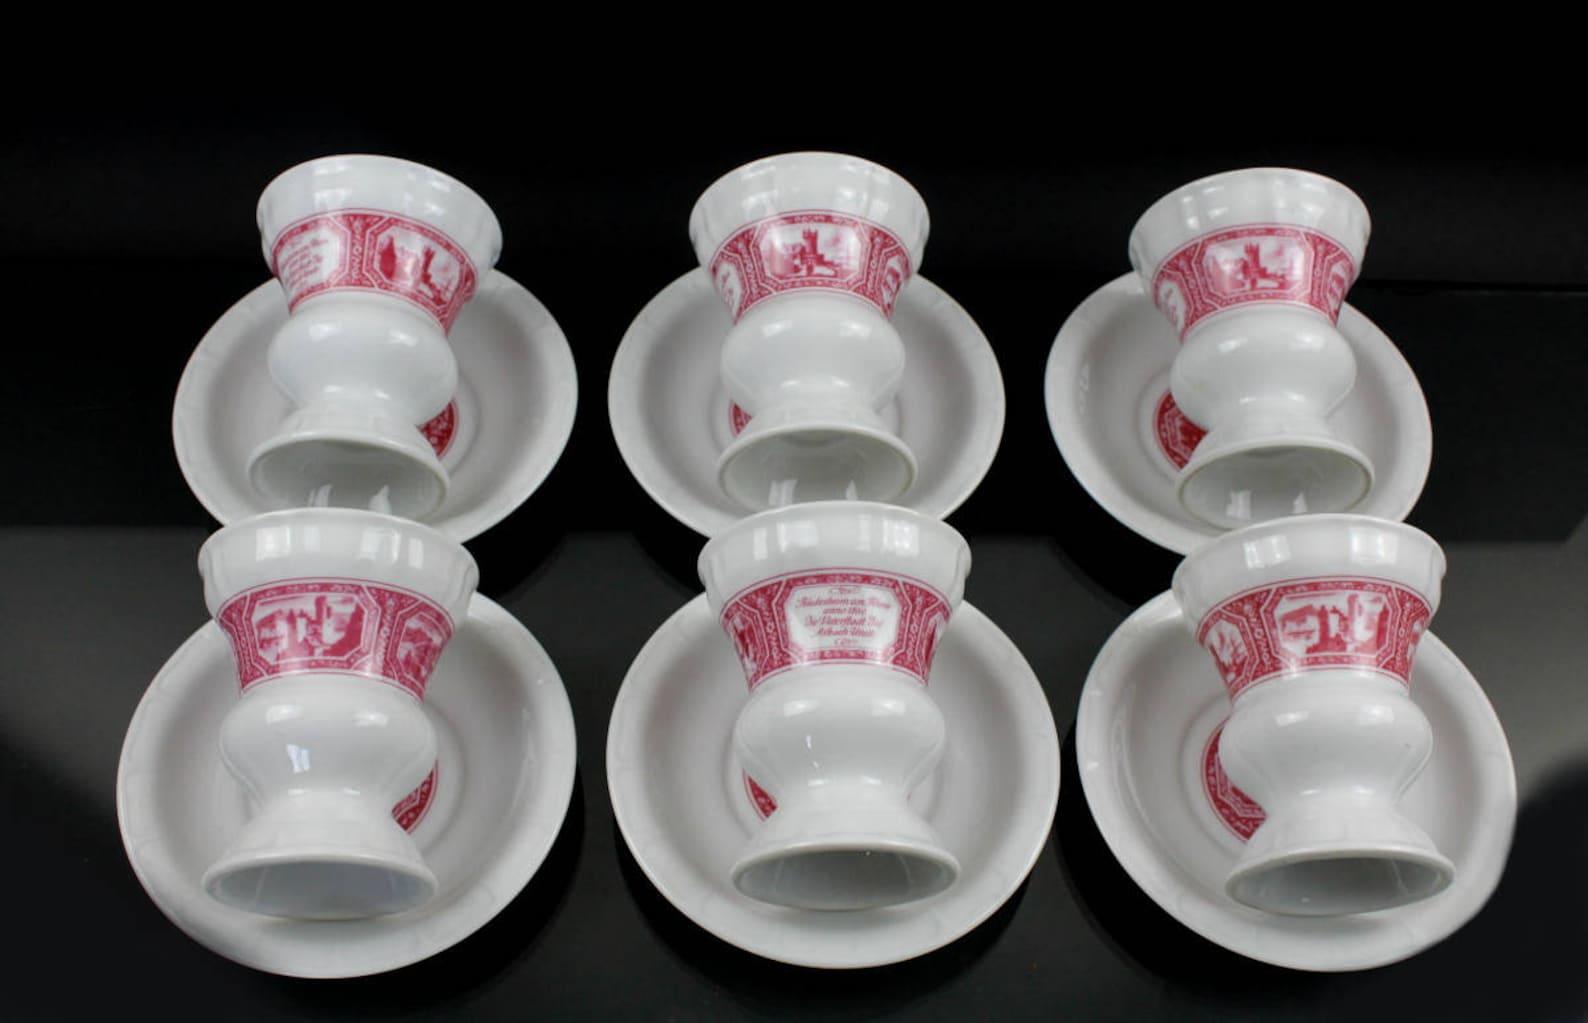 Set 24 Piece Rüdesheimer cup Heinrich porcelain saucer Pharisees coffee mug Asbach Ruedesheim Villeroy and Boch